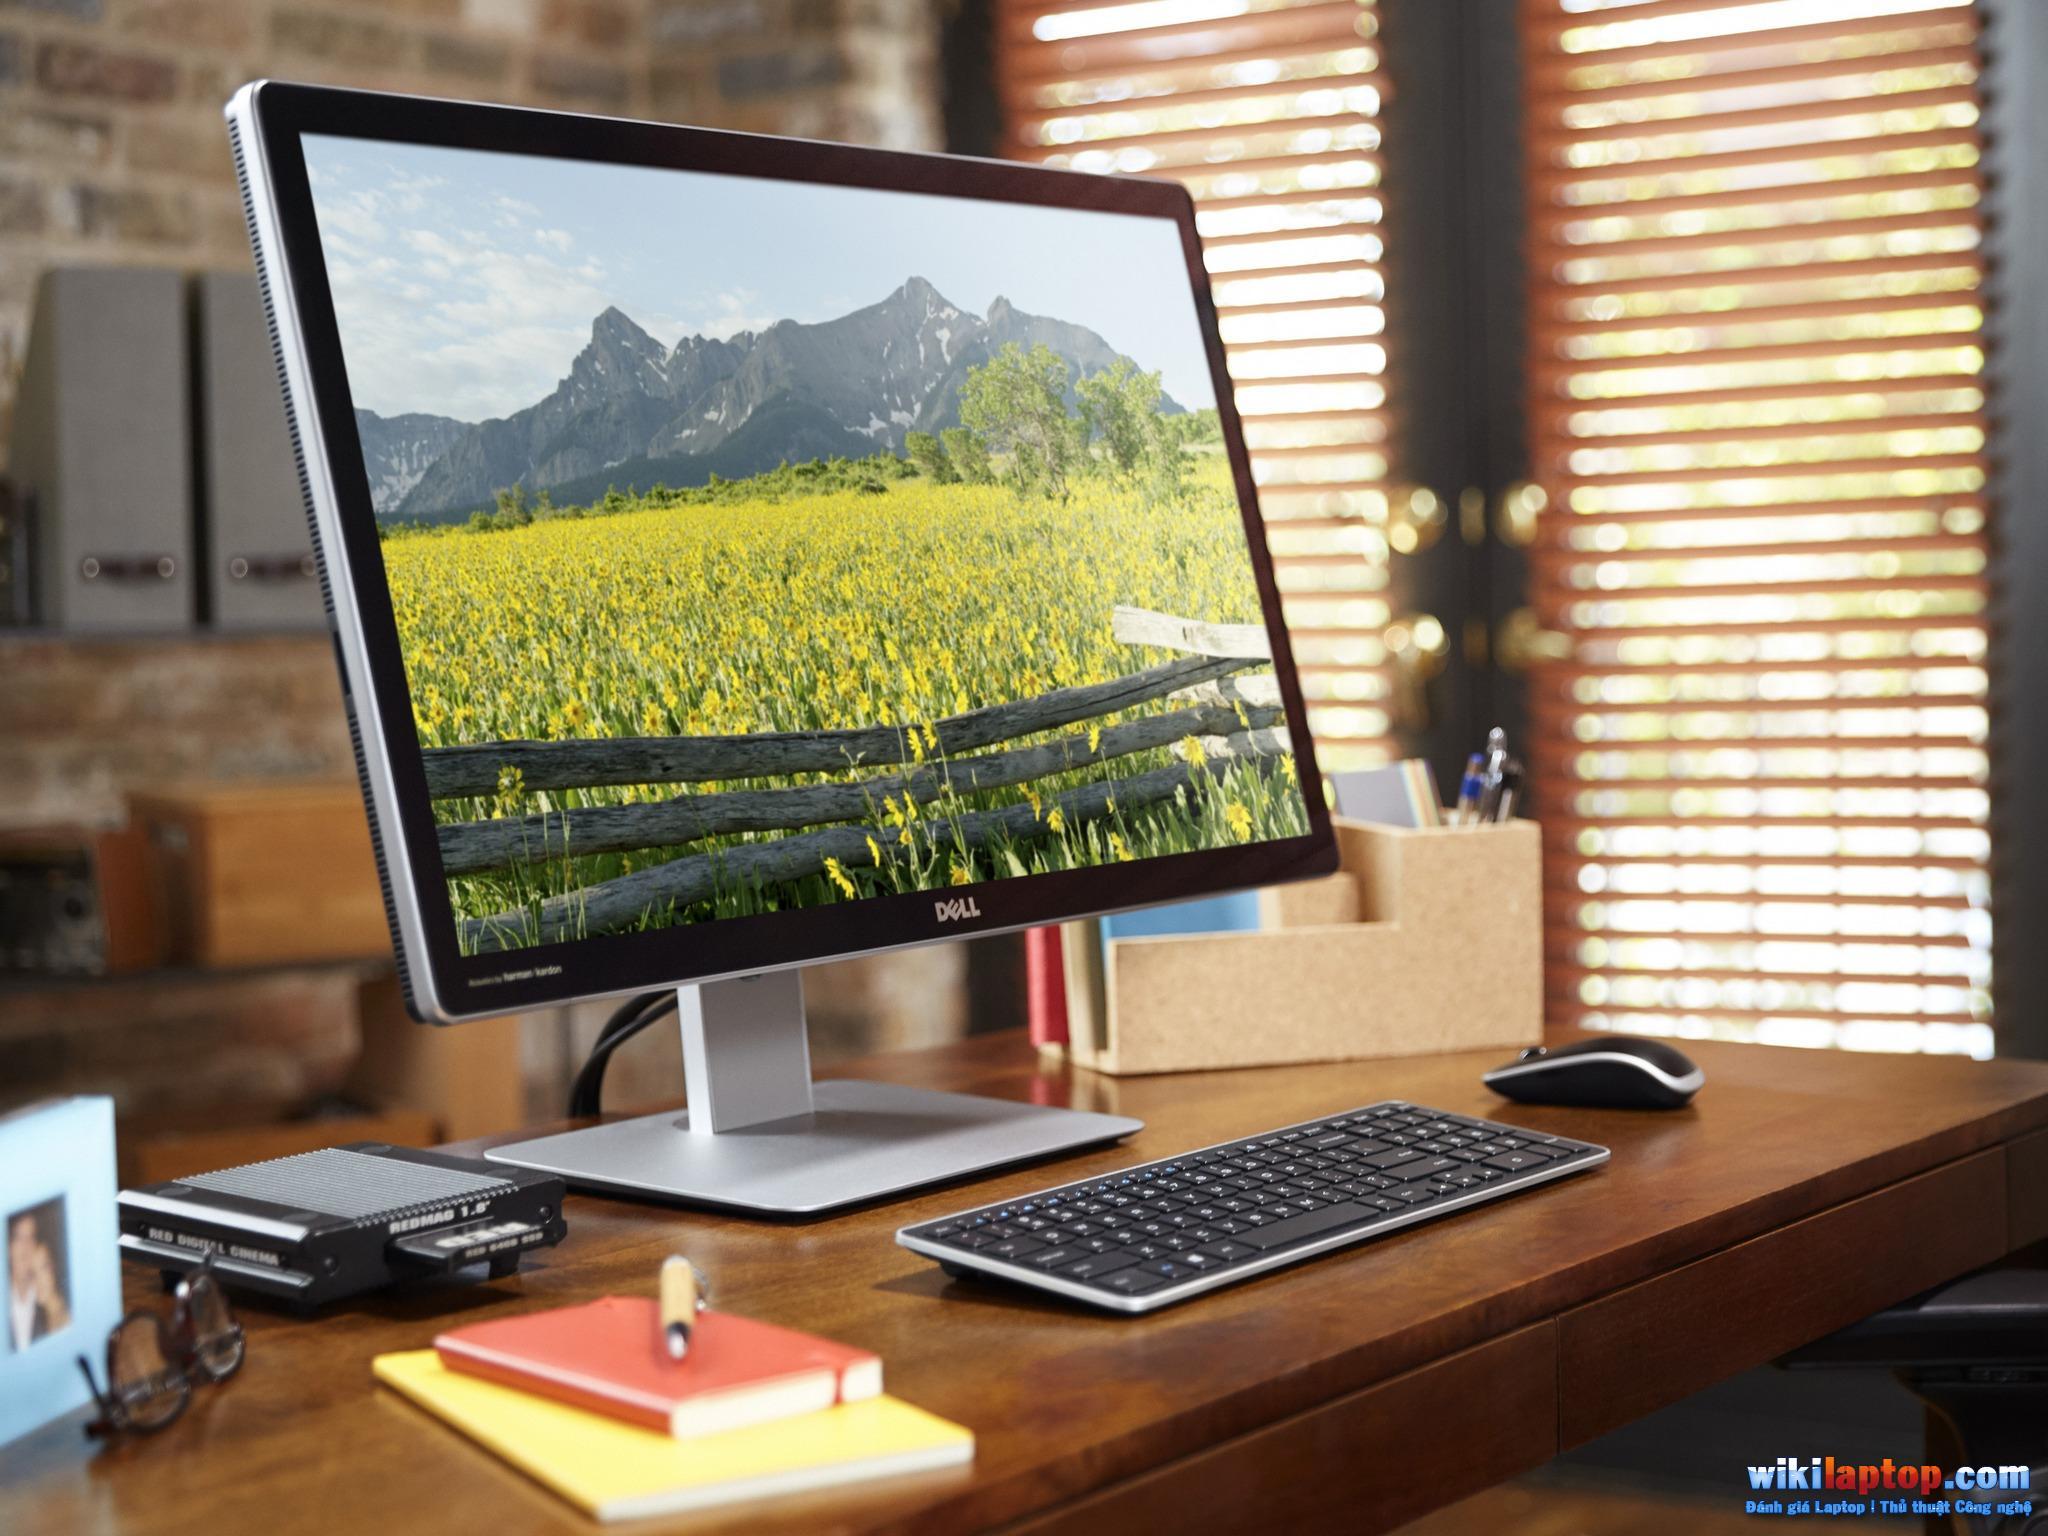 Sforum - Nền thông tin công nghệ mới nhất nền2 Cách thay đổi hình nền máy tính tự động mỗi ngày thông qua ứng dụng Hình nền Bing